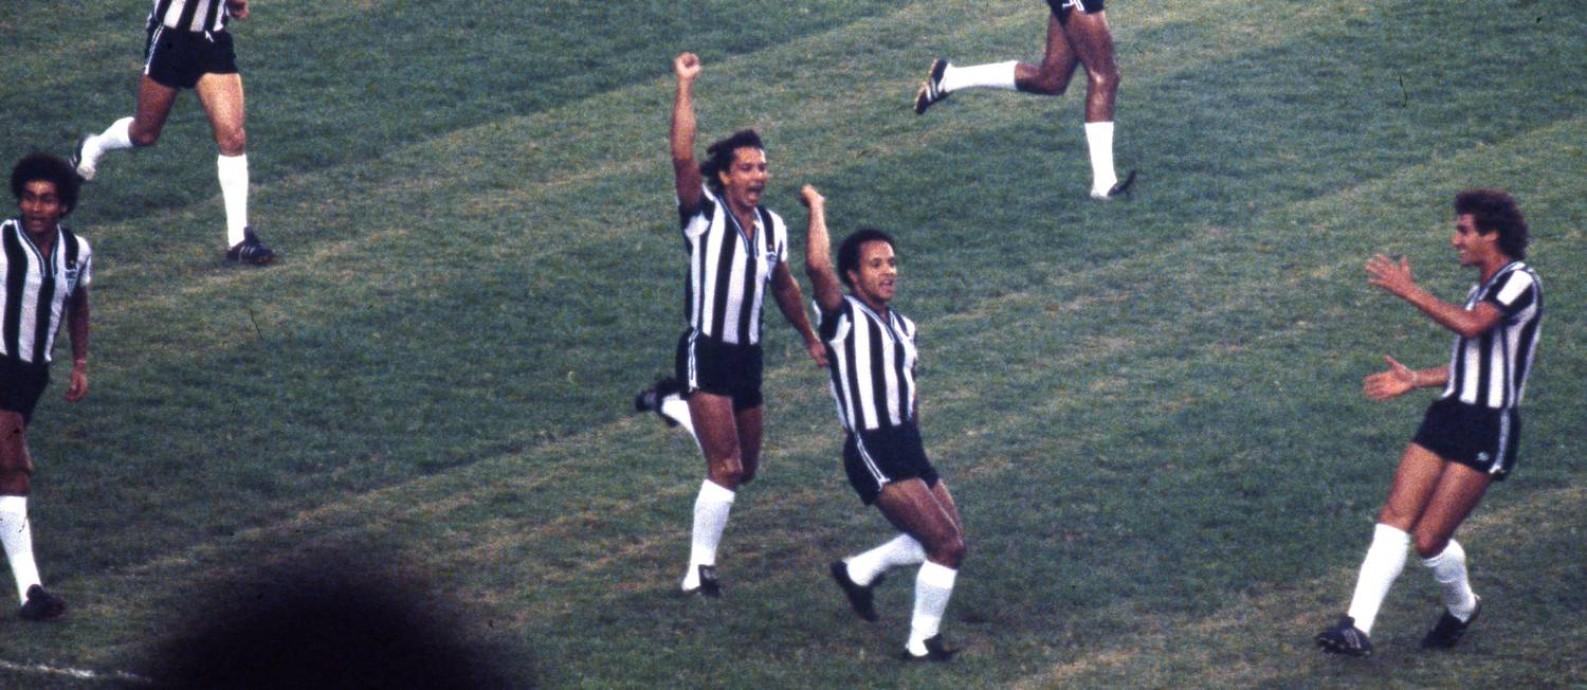 Maior ídolo do Atlético-MG, Reinaldo comemorava gols com punho cerrado Foto: Eurico Dantas / Agência O Globo